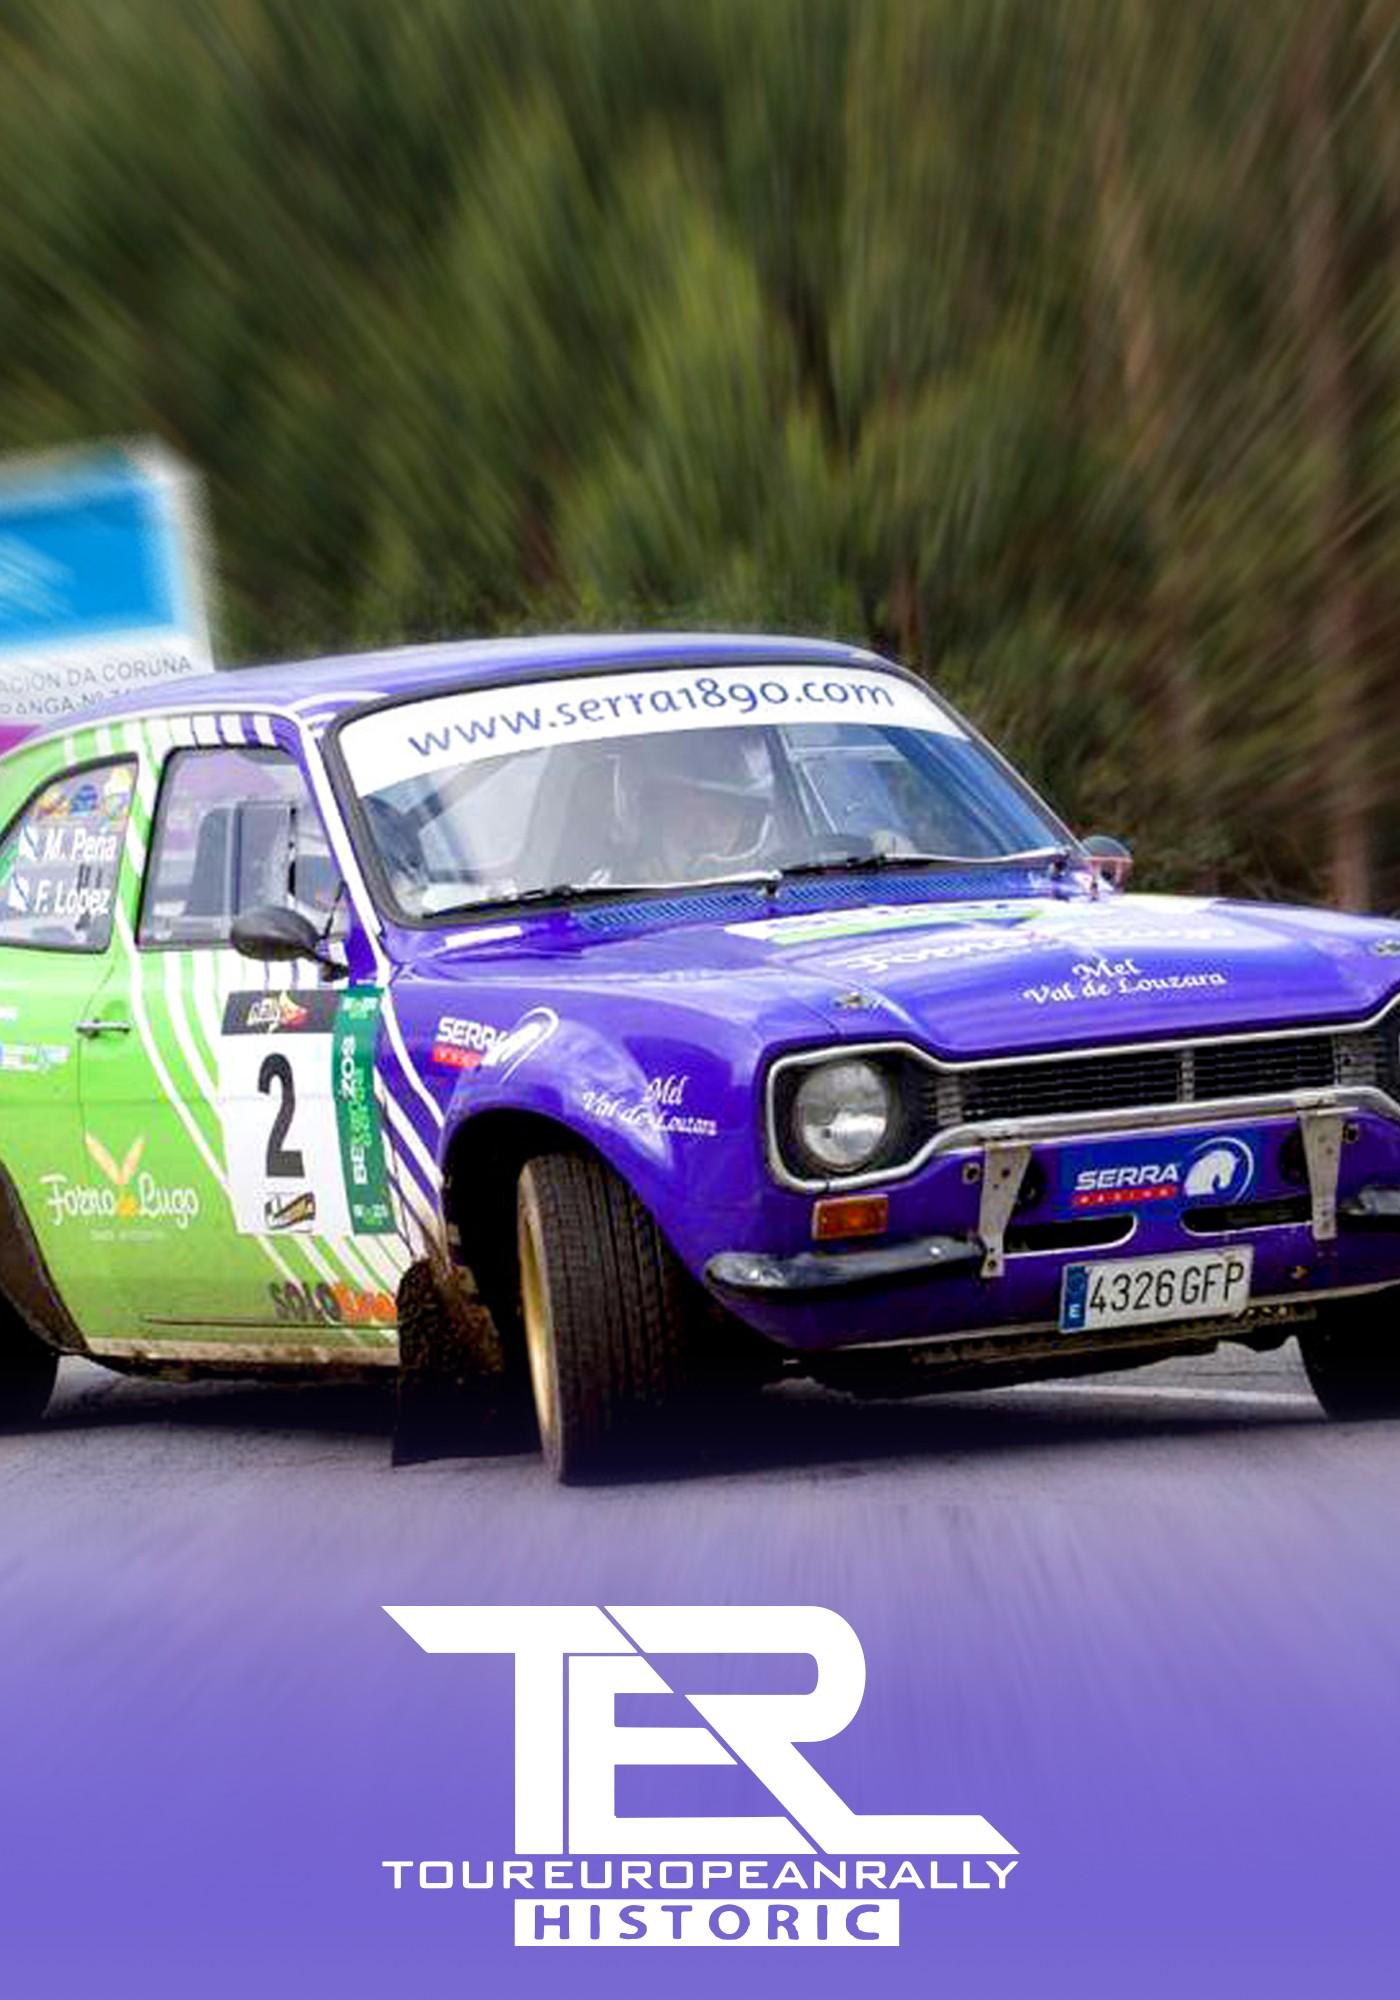 Tour European Rally Historic